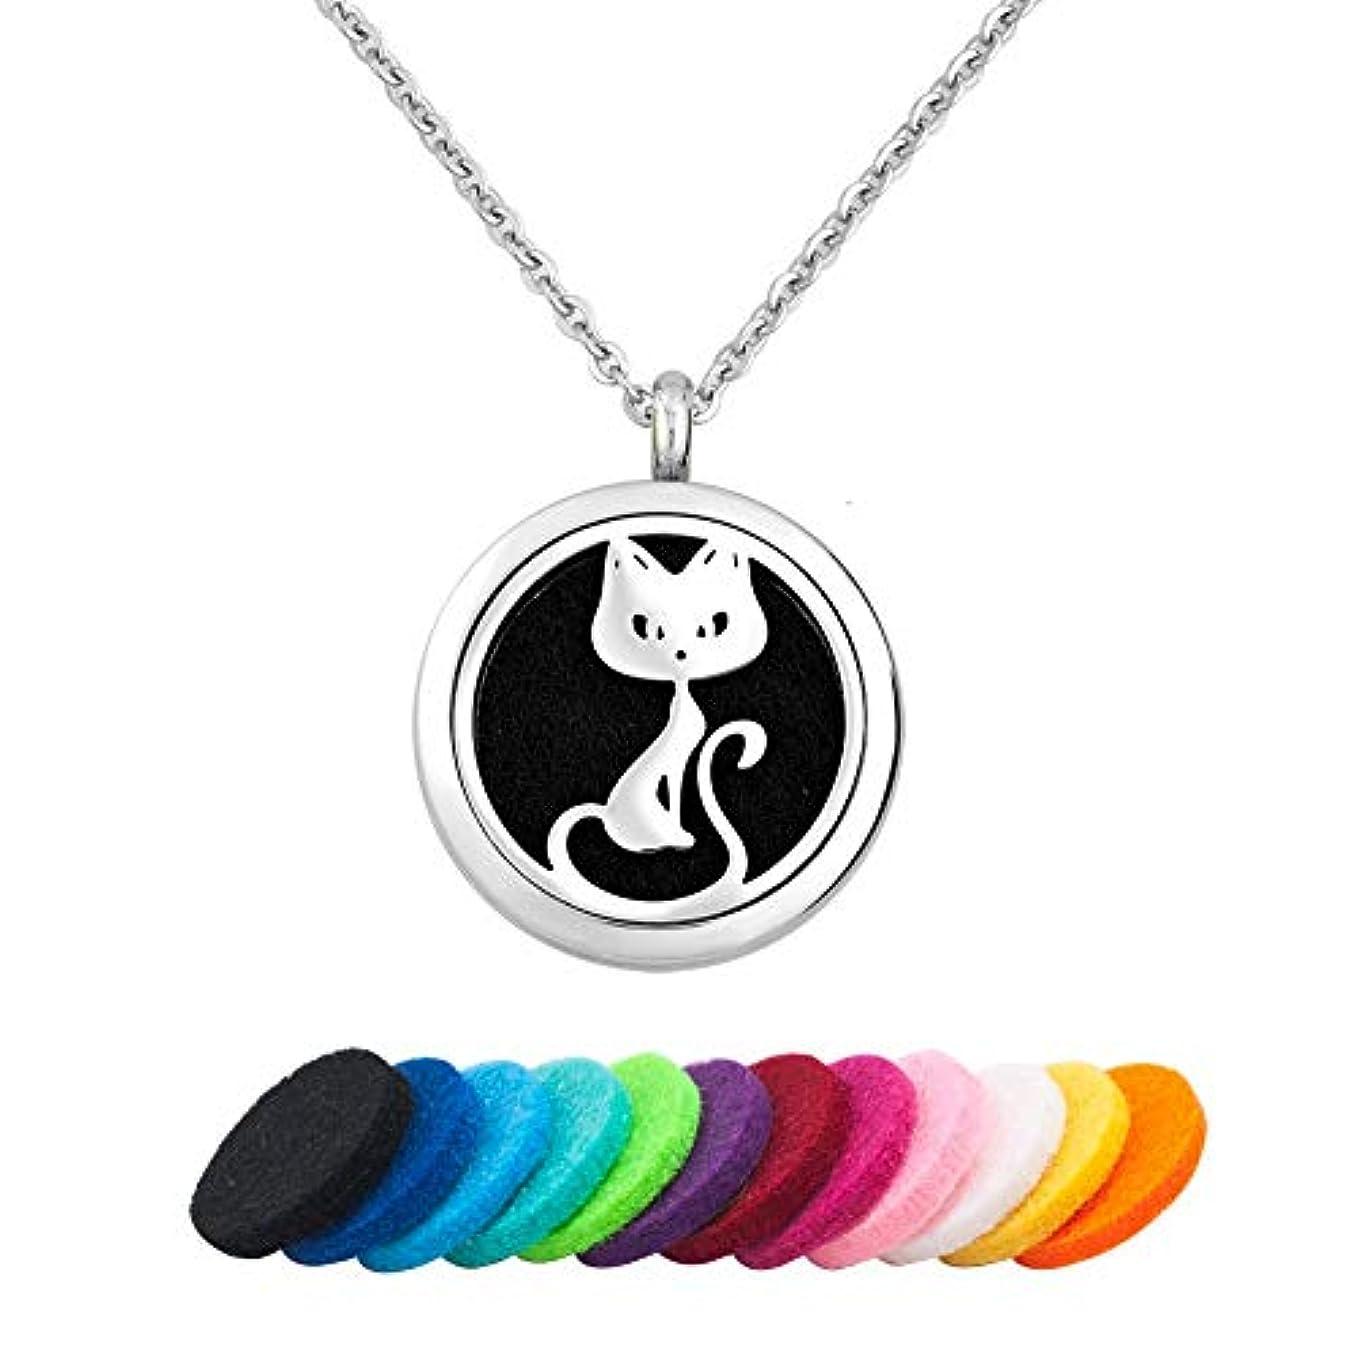 作りハード疾患Infinite Memories アロマセラピー 猫 エッセンシャルオイル ディフューザー ネックレス ステンレススチール ペンダントロケット